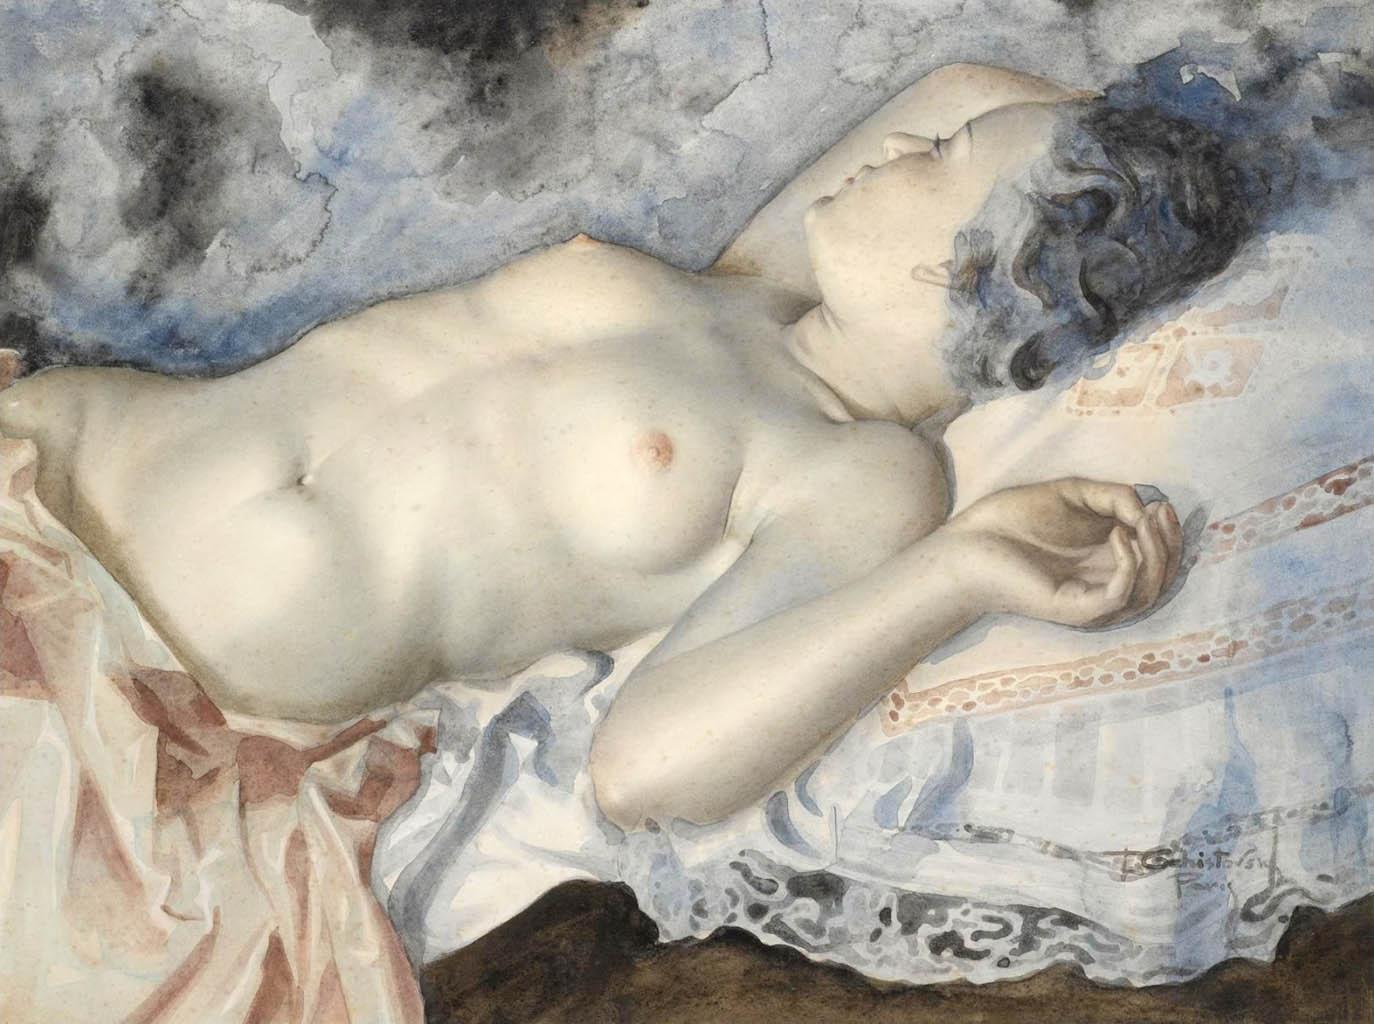 Живописи классической эротика в